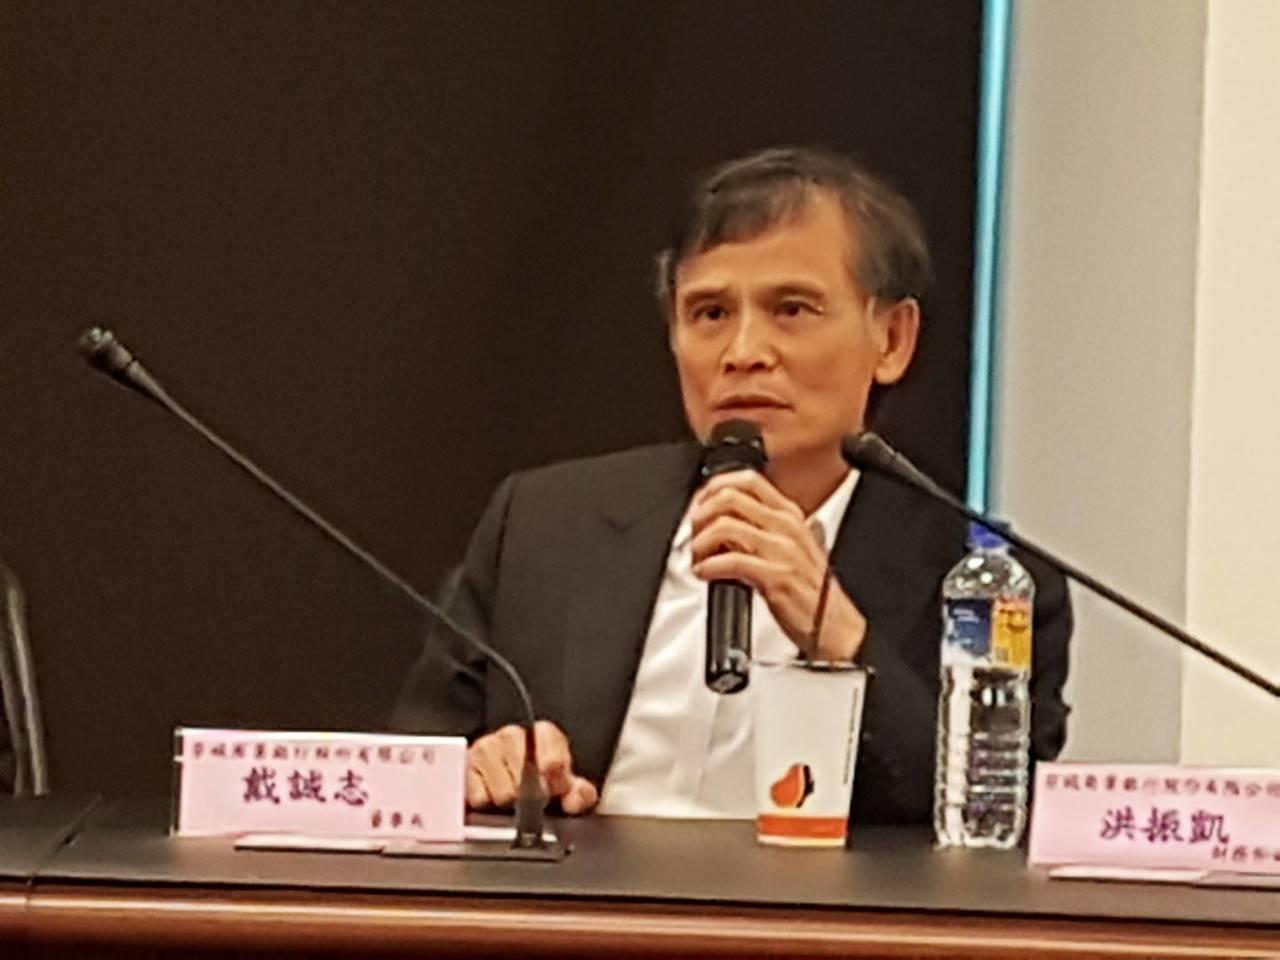 京城銀行董事長戴誠志今天(9日)主持法說會。記者/孫中英攝影